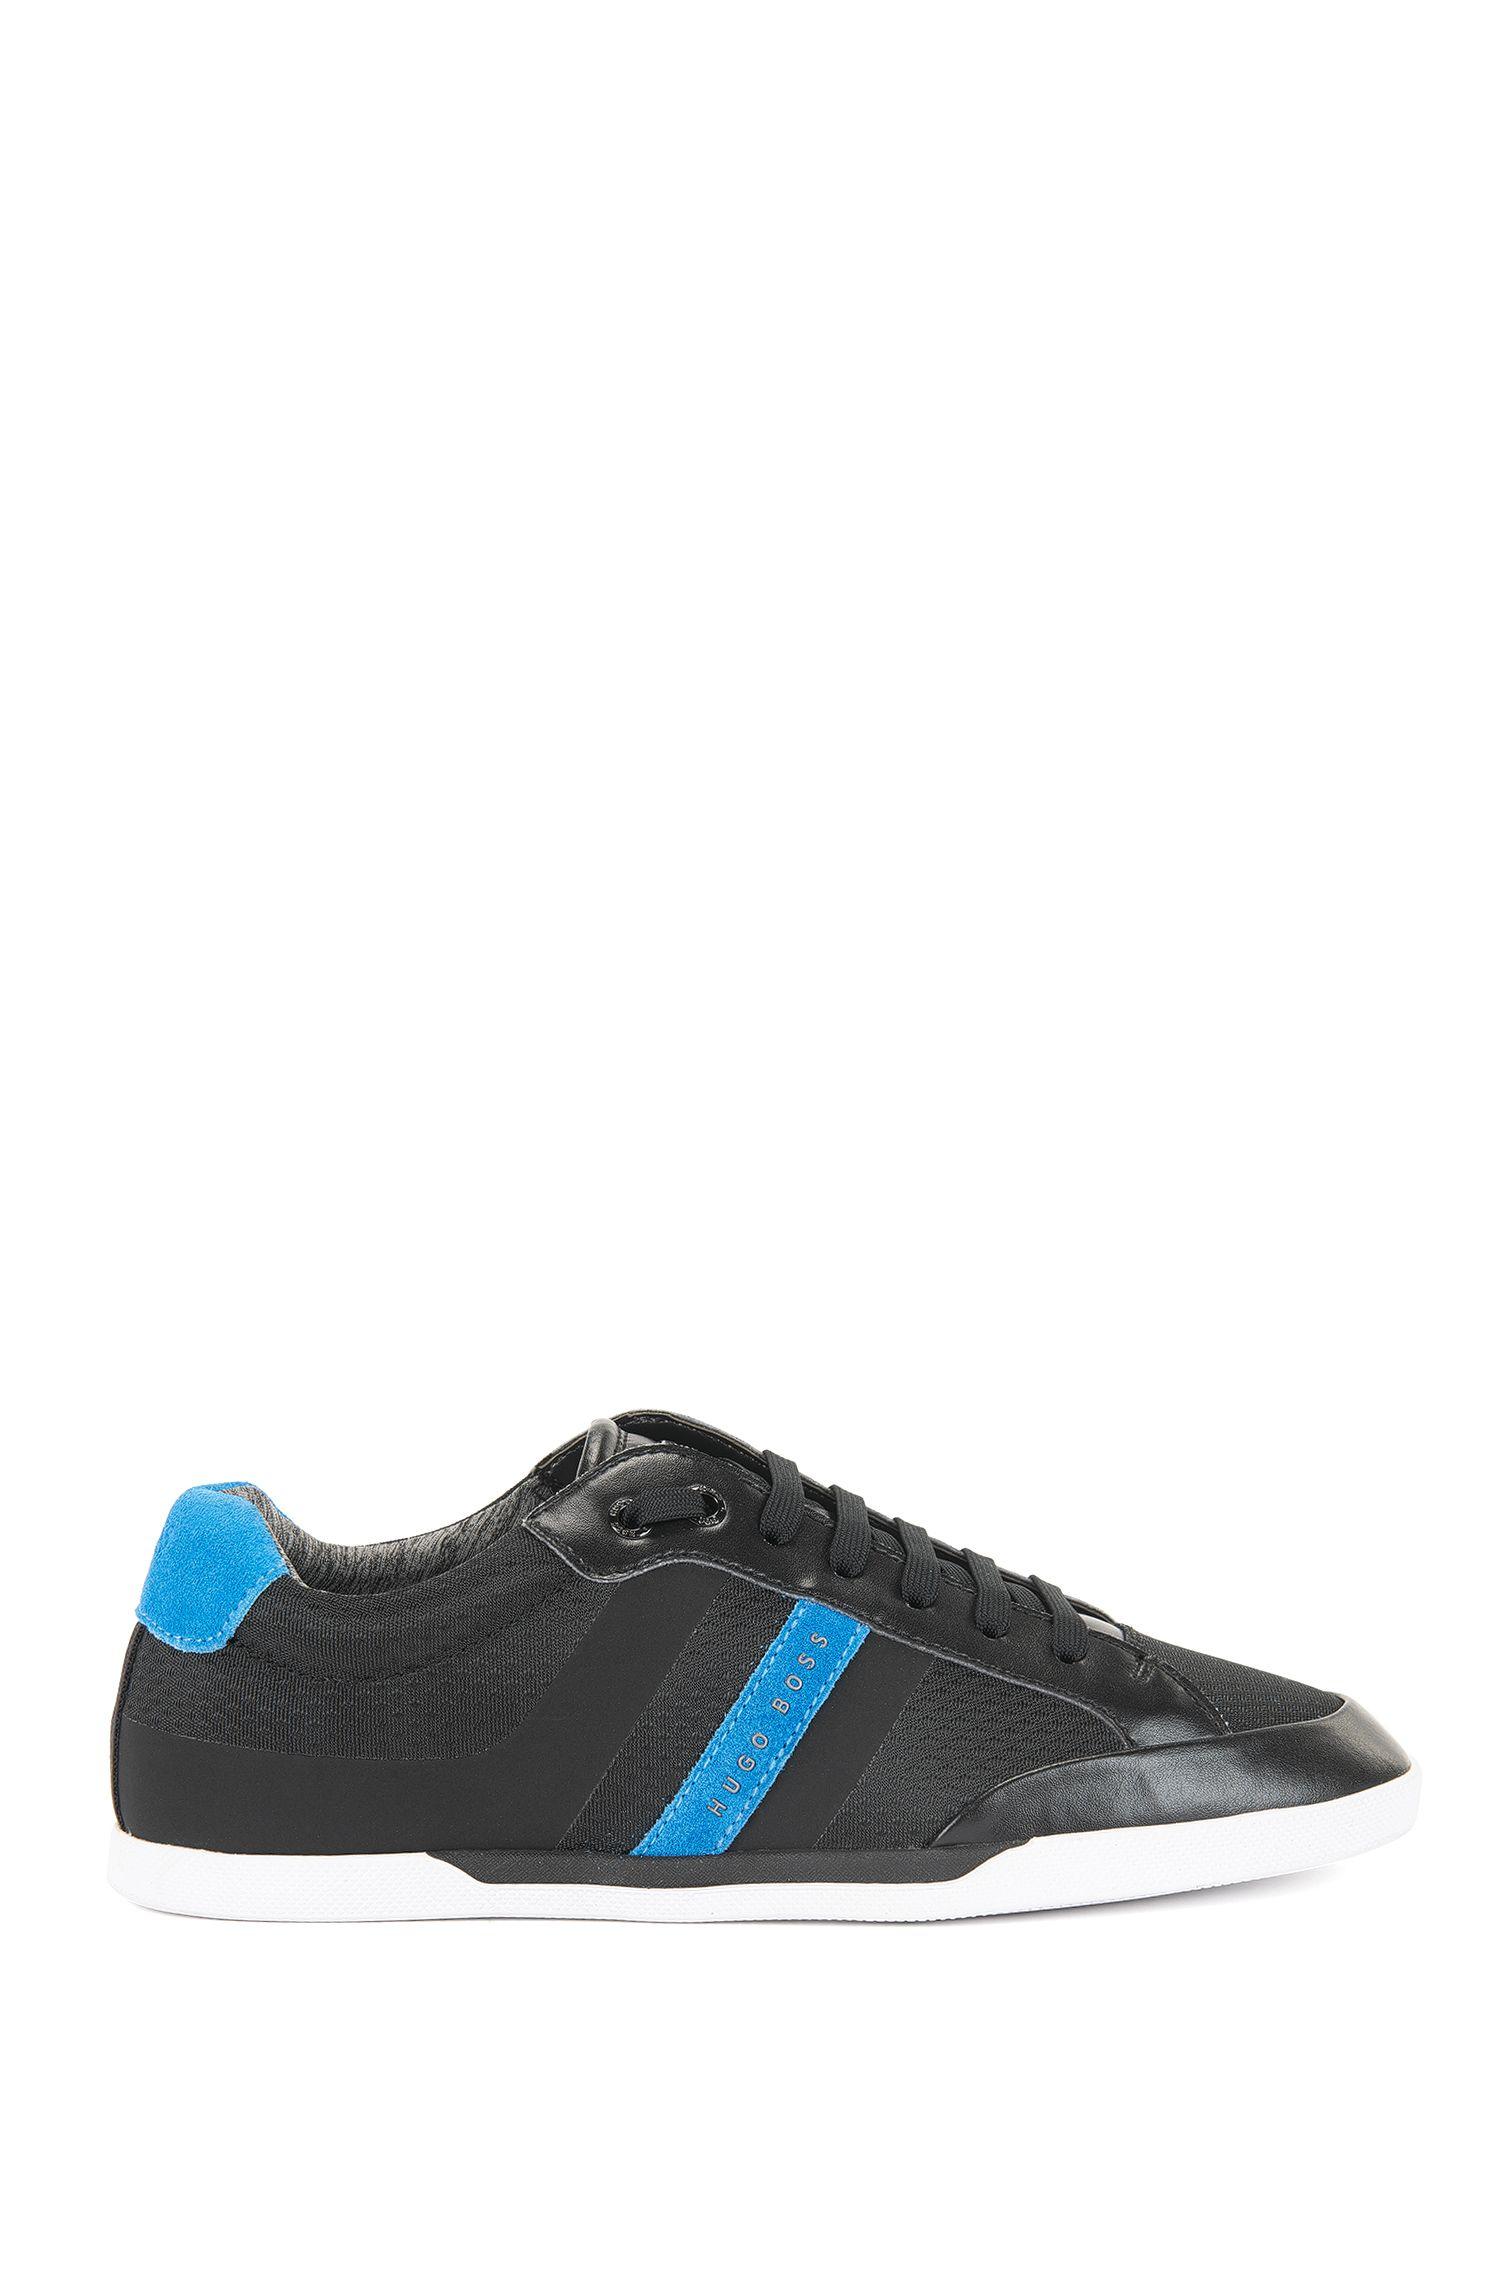 Mesh Sneaker | Shuttle Tenn It